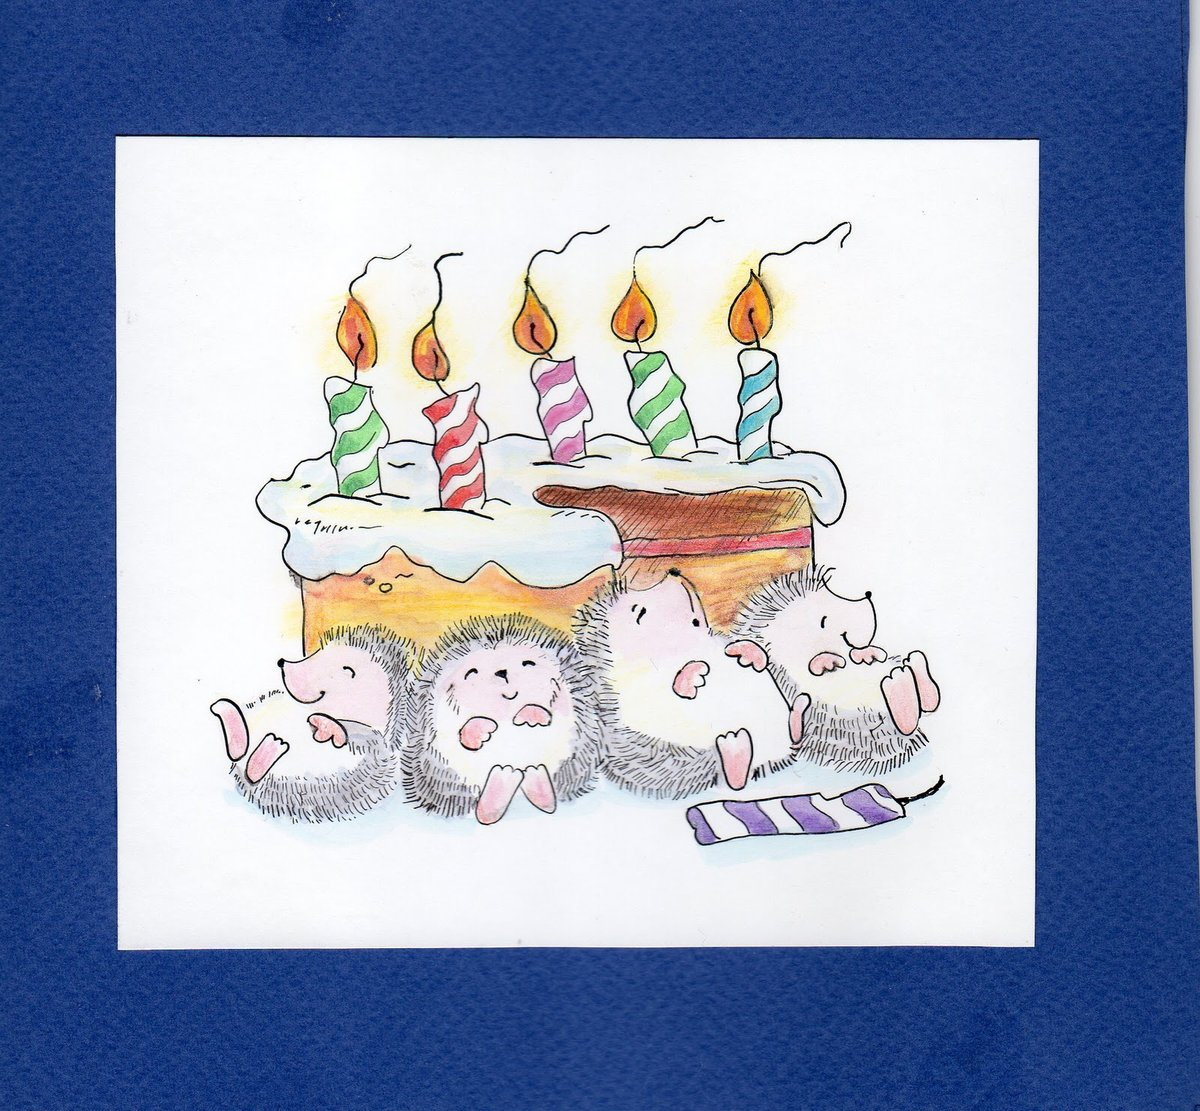 Открытка поздравлениями, нарисованная открытка к юбилею